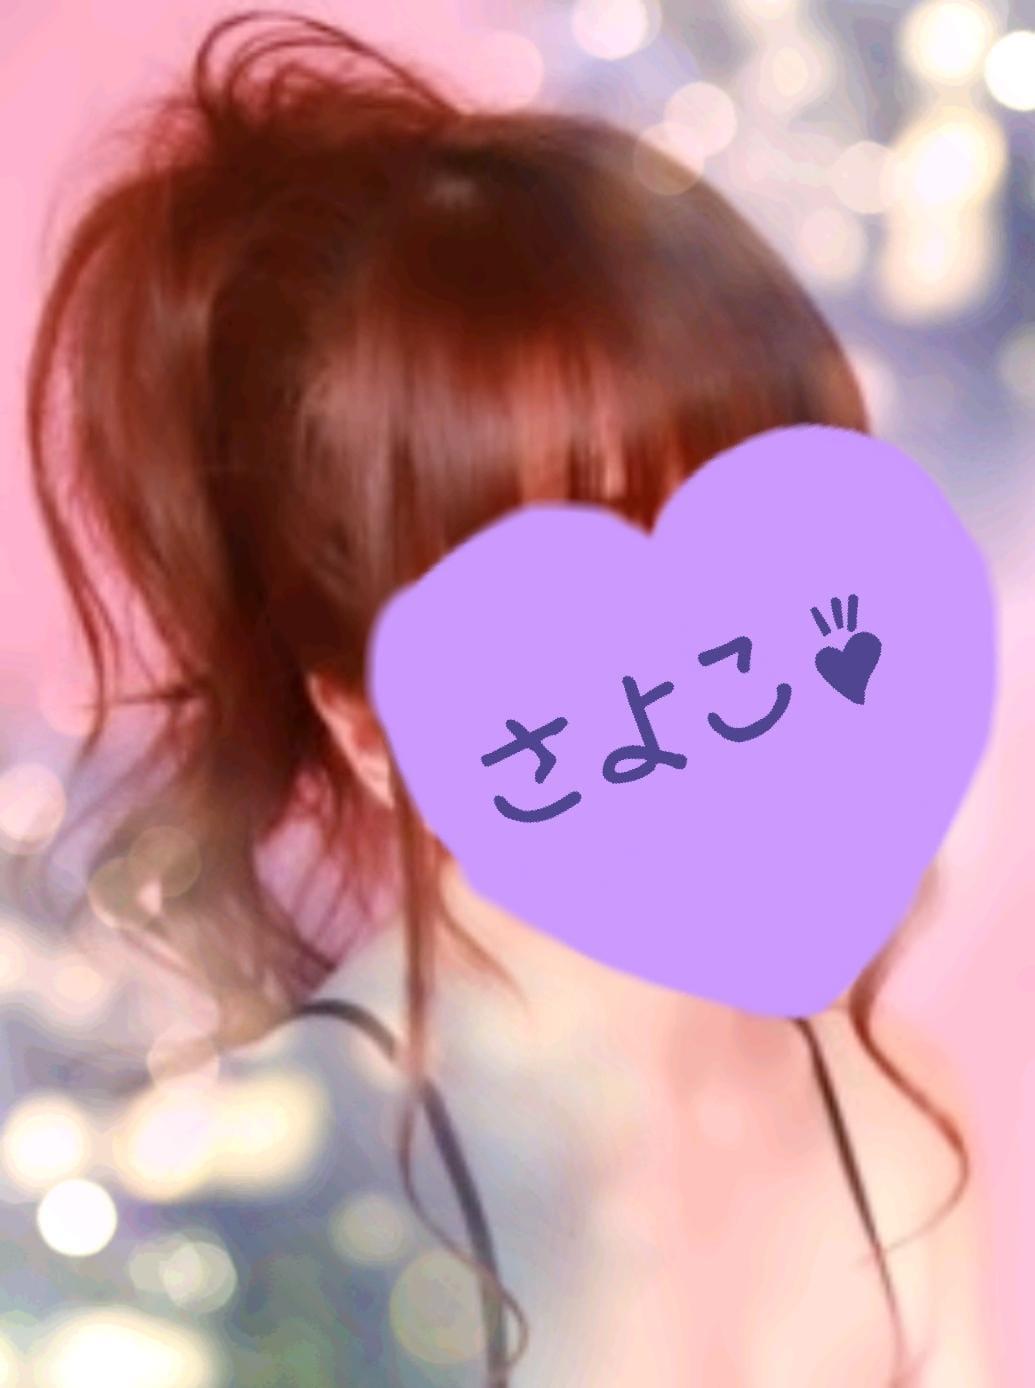 「おはようございますm(*_ _)m」06/23(土) 08:16 | 小夜子-さよこの写メ・風俗動画